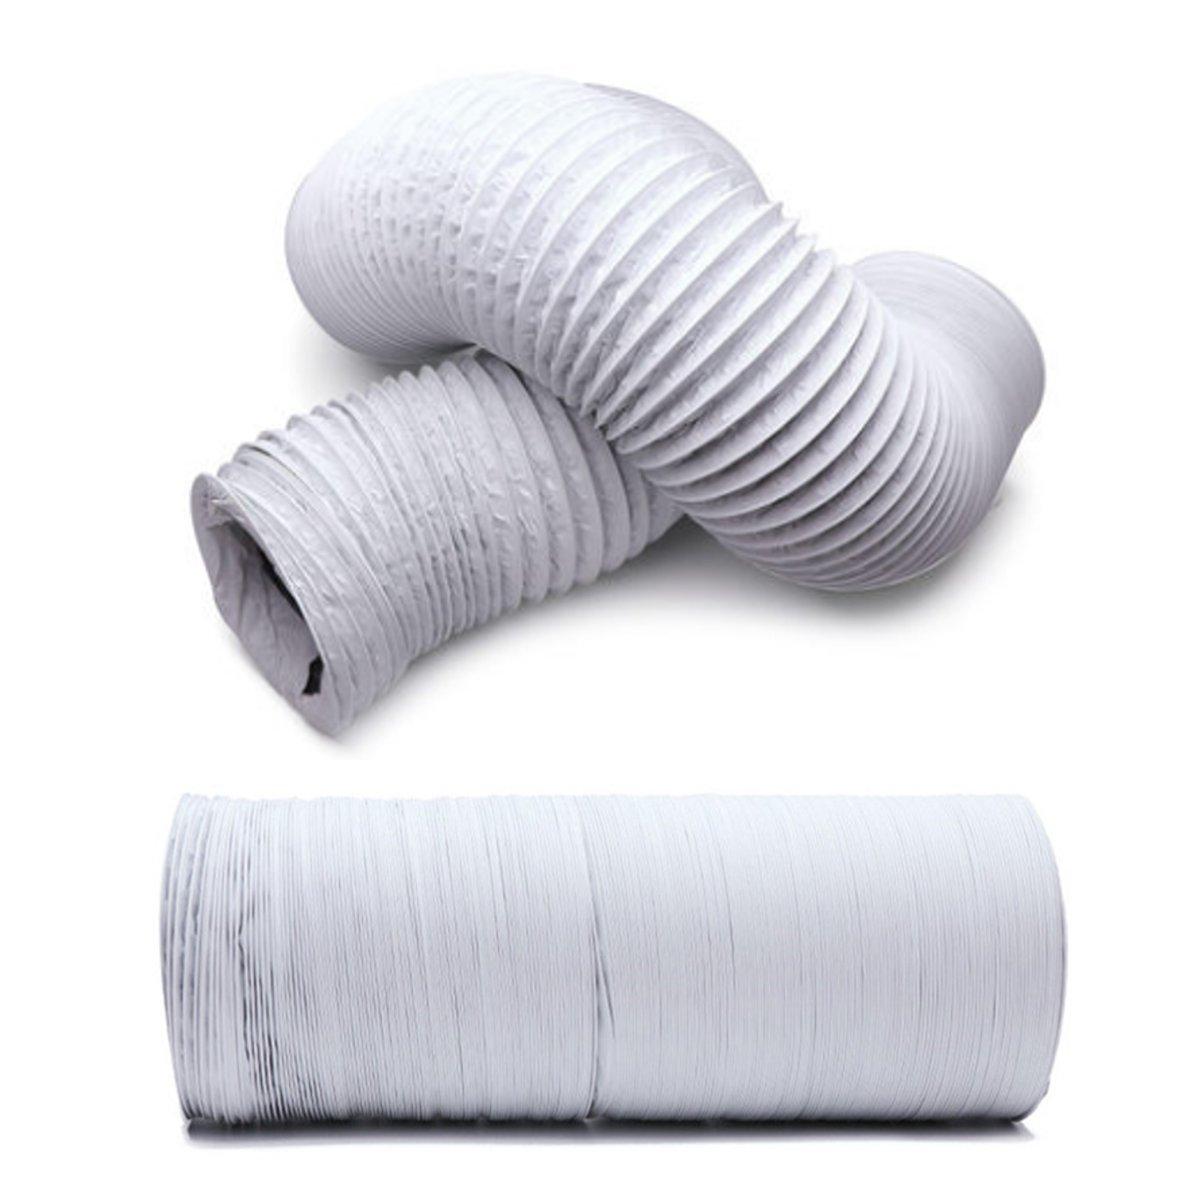 6.5M Aluminum Foil Duct Hose Pipes Fittings Kitchen Exhaust Inline Fan Vent Hoses Ventilation Air Vent Tube 160-250mm Diameter